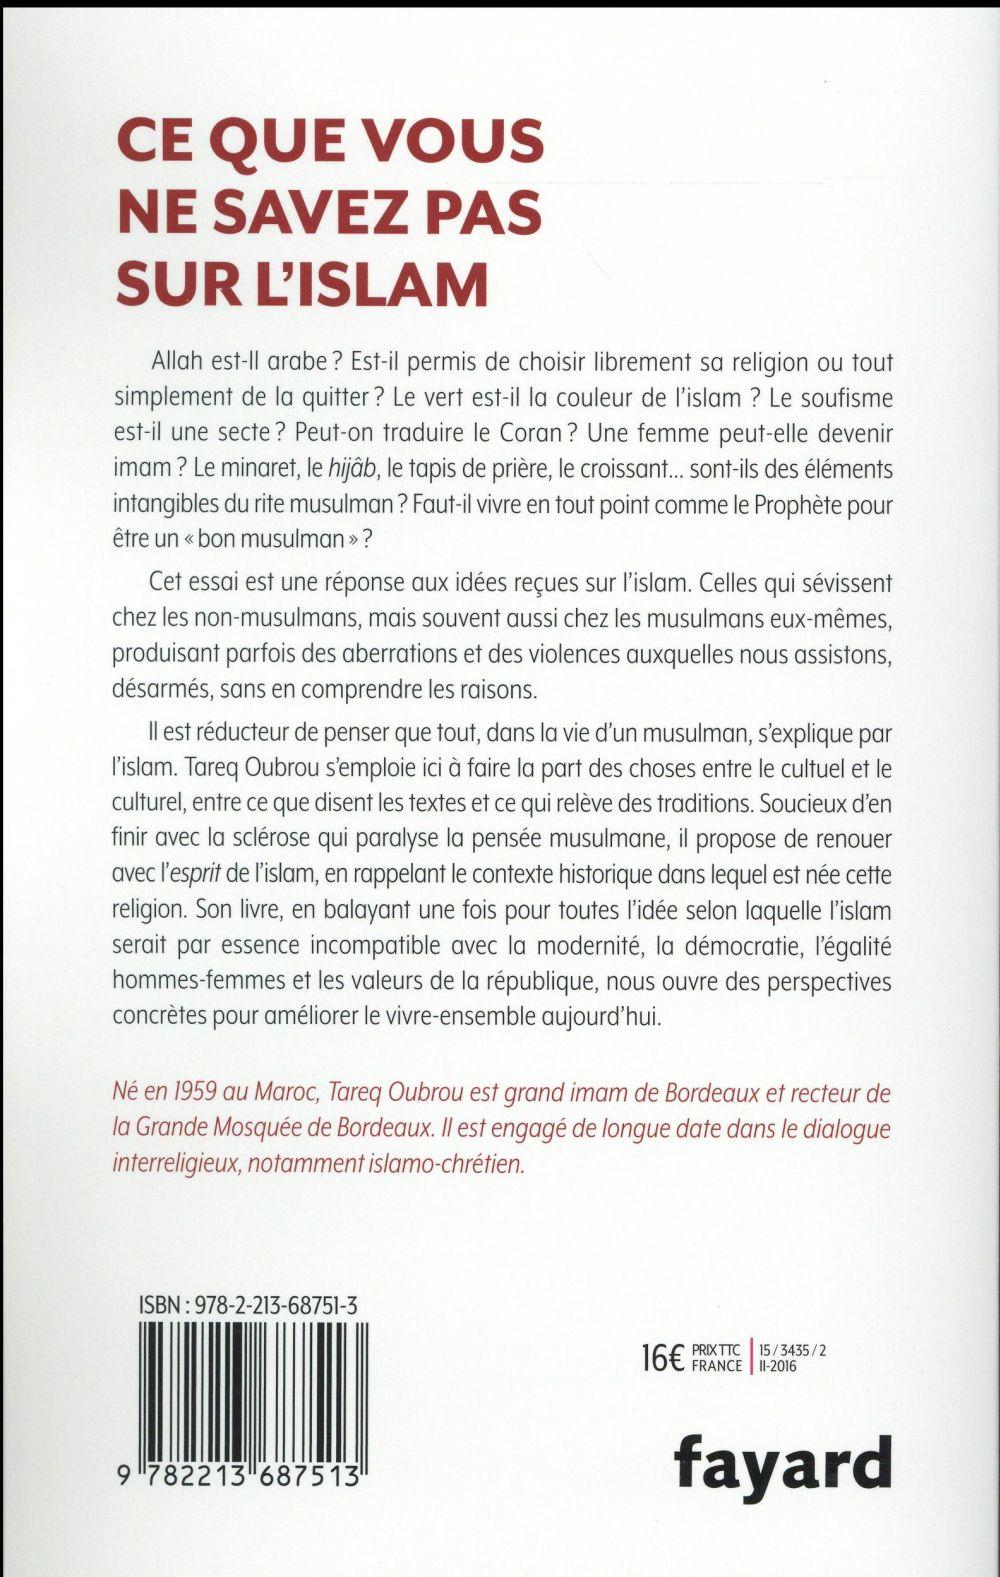 Ce que vous ne savez pas sur l'islam